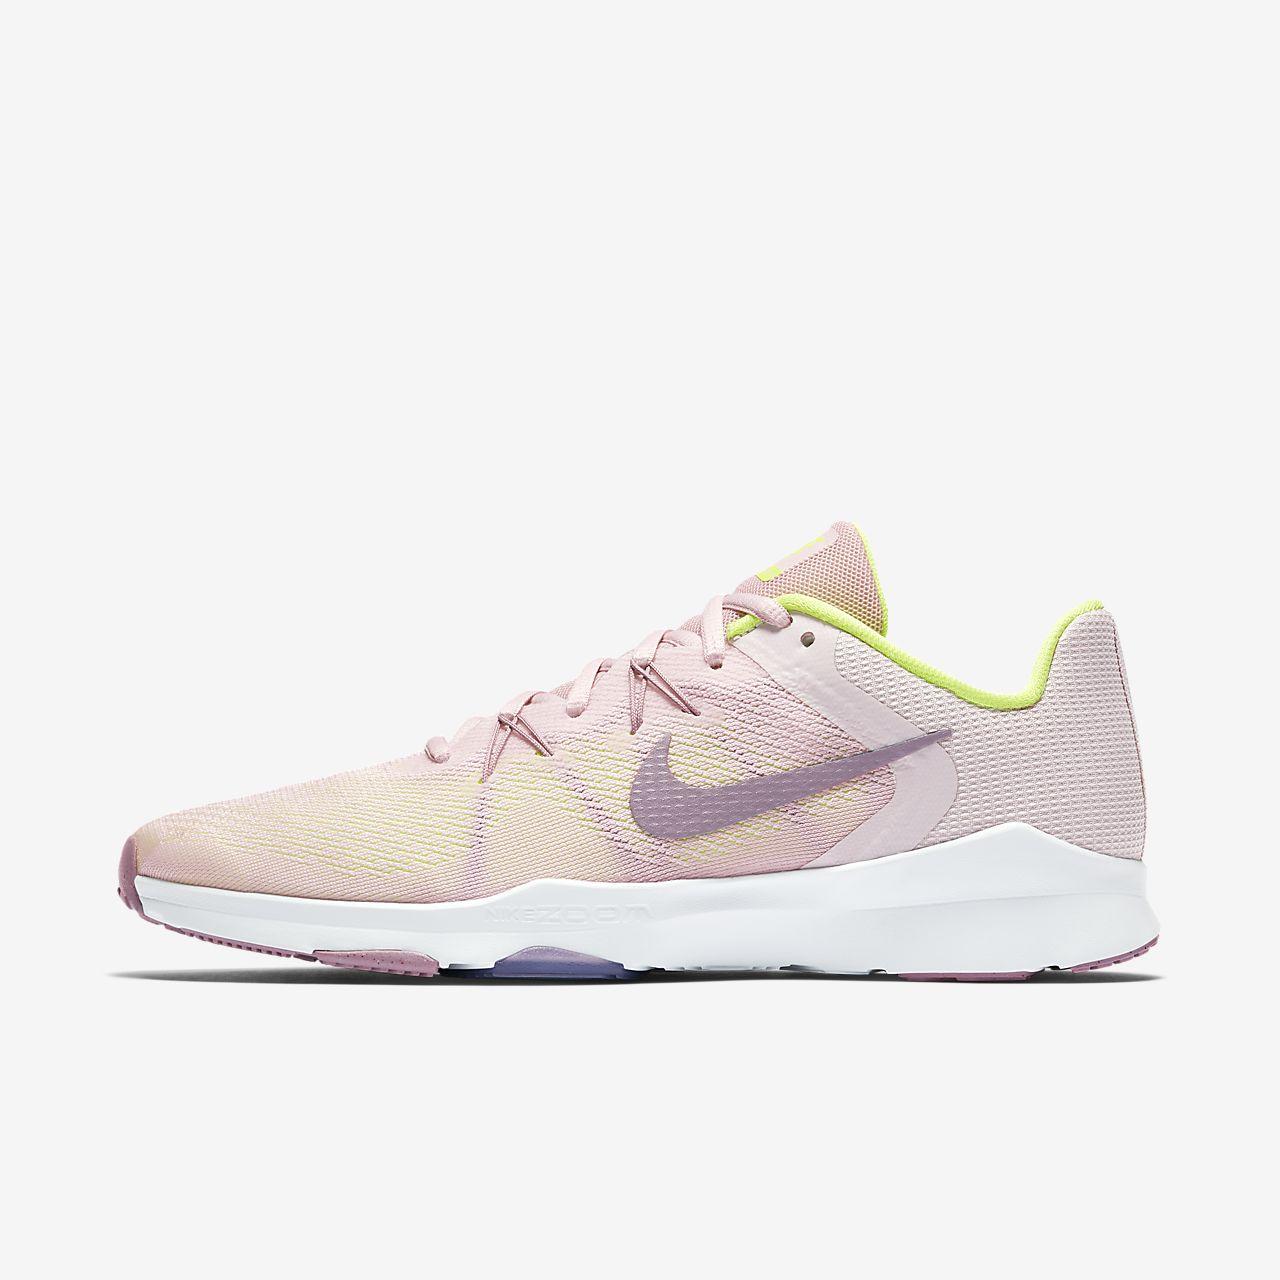 97b7b8da715 ... Nike Zoom Condition TR 2 Womens Training Shoe speical offer e05fc 9d4fc  ...